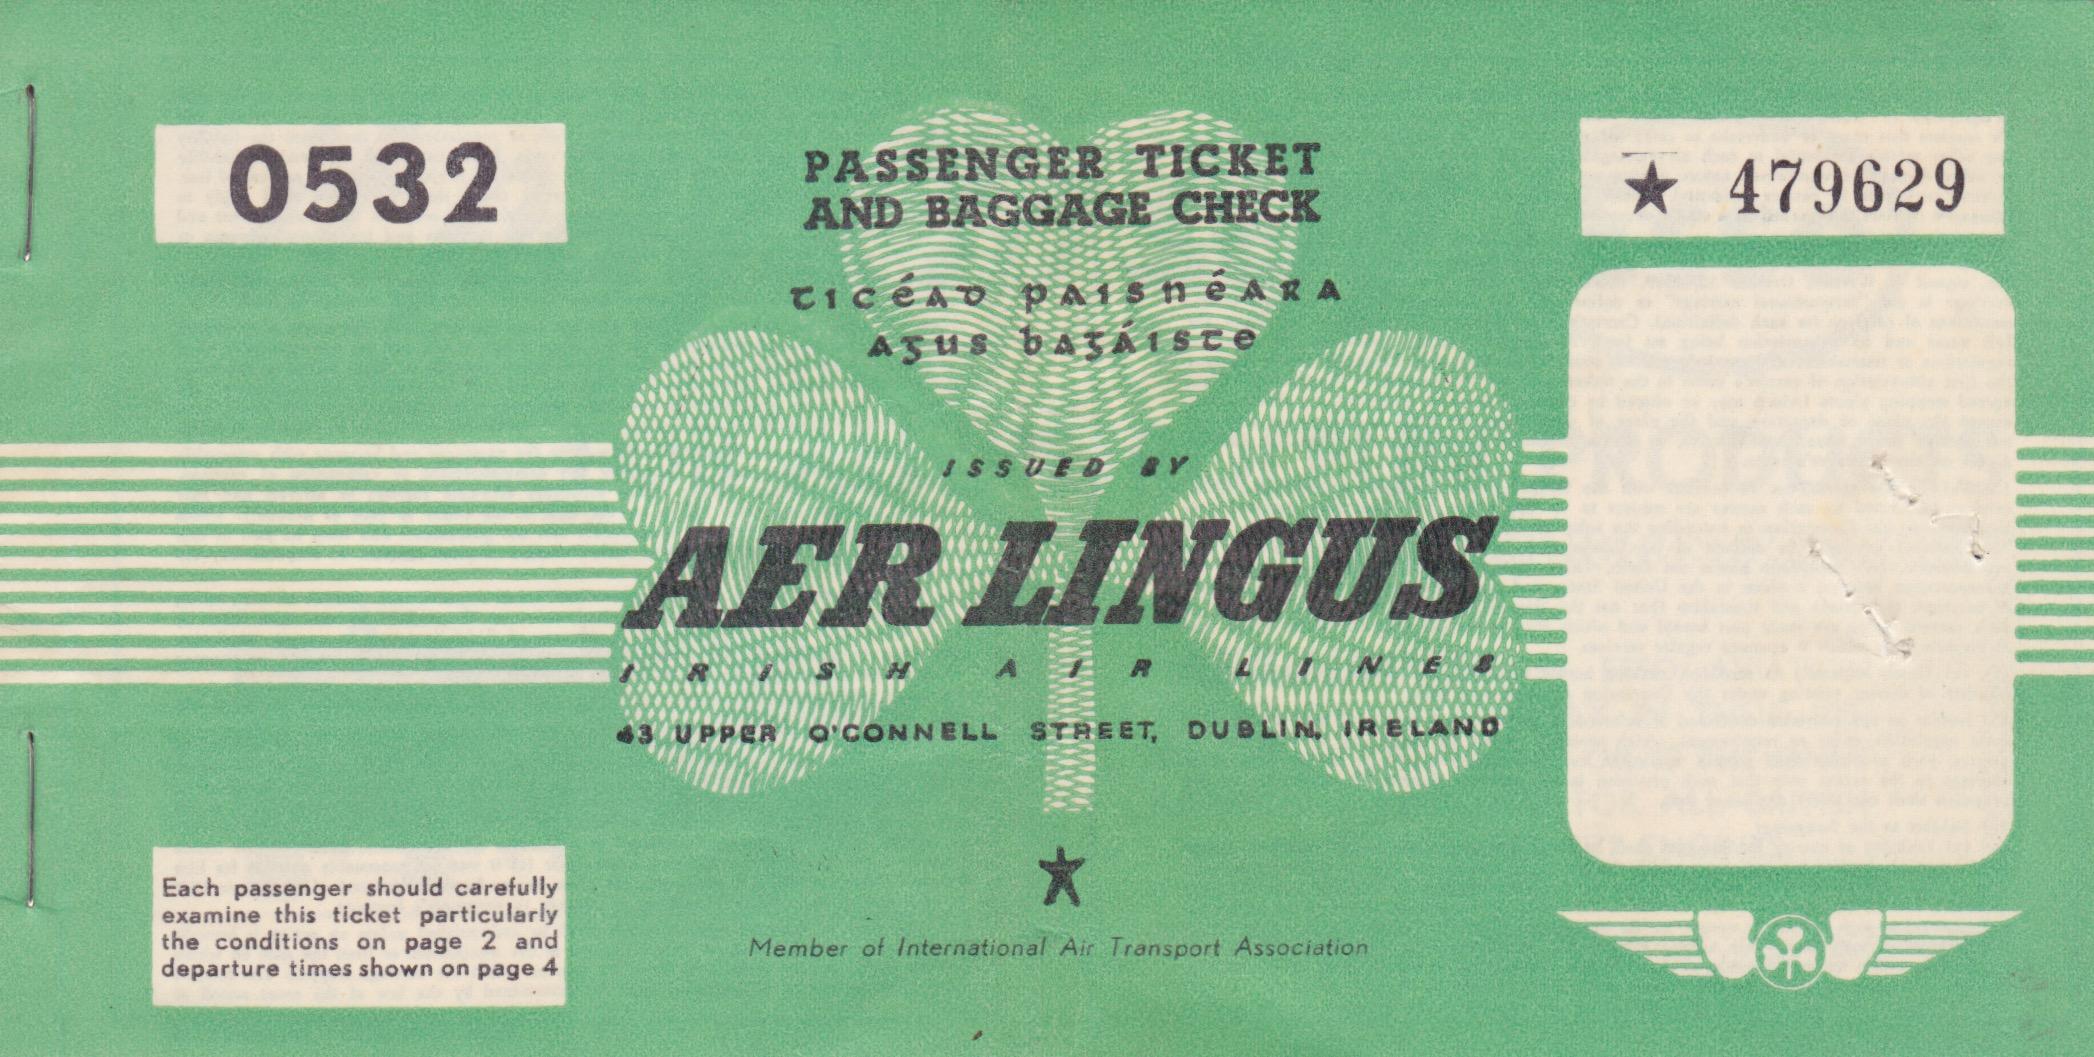 Air Lingus  ticket2 2.jpeg